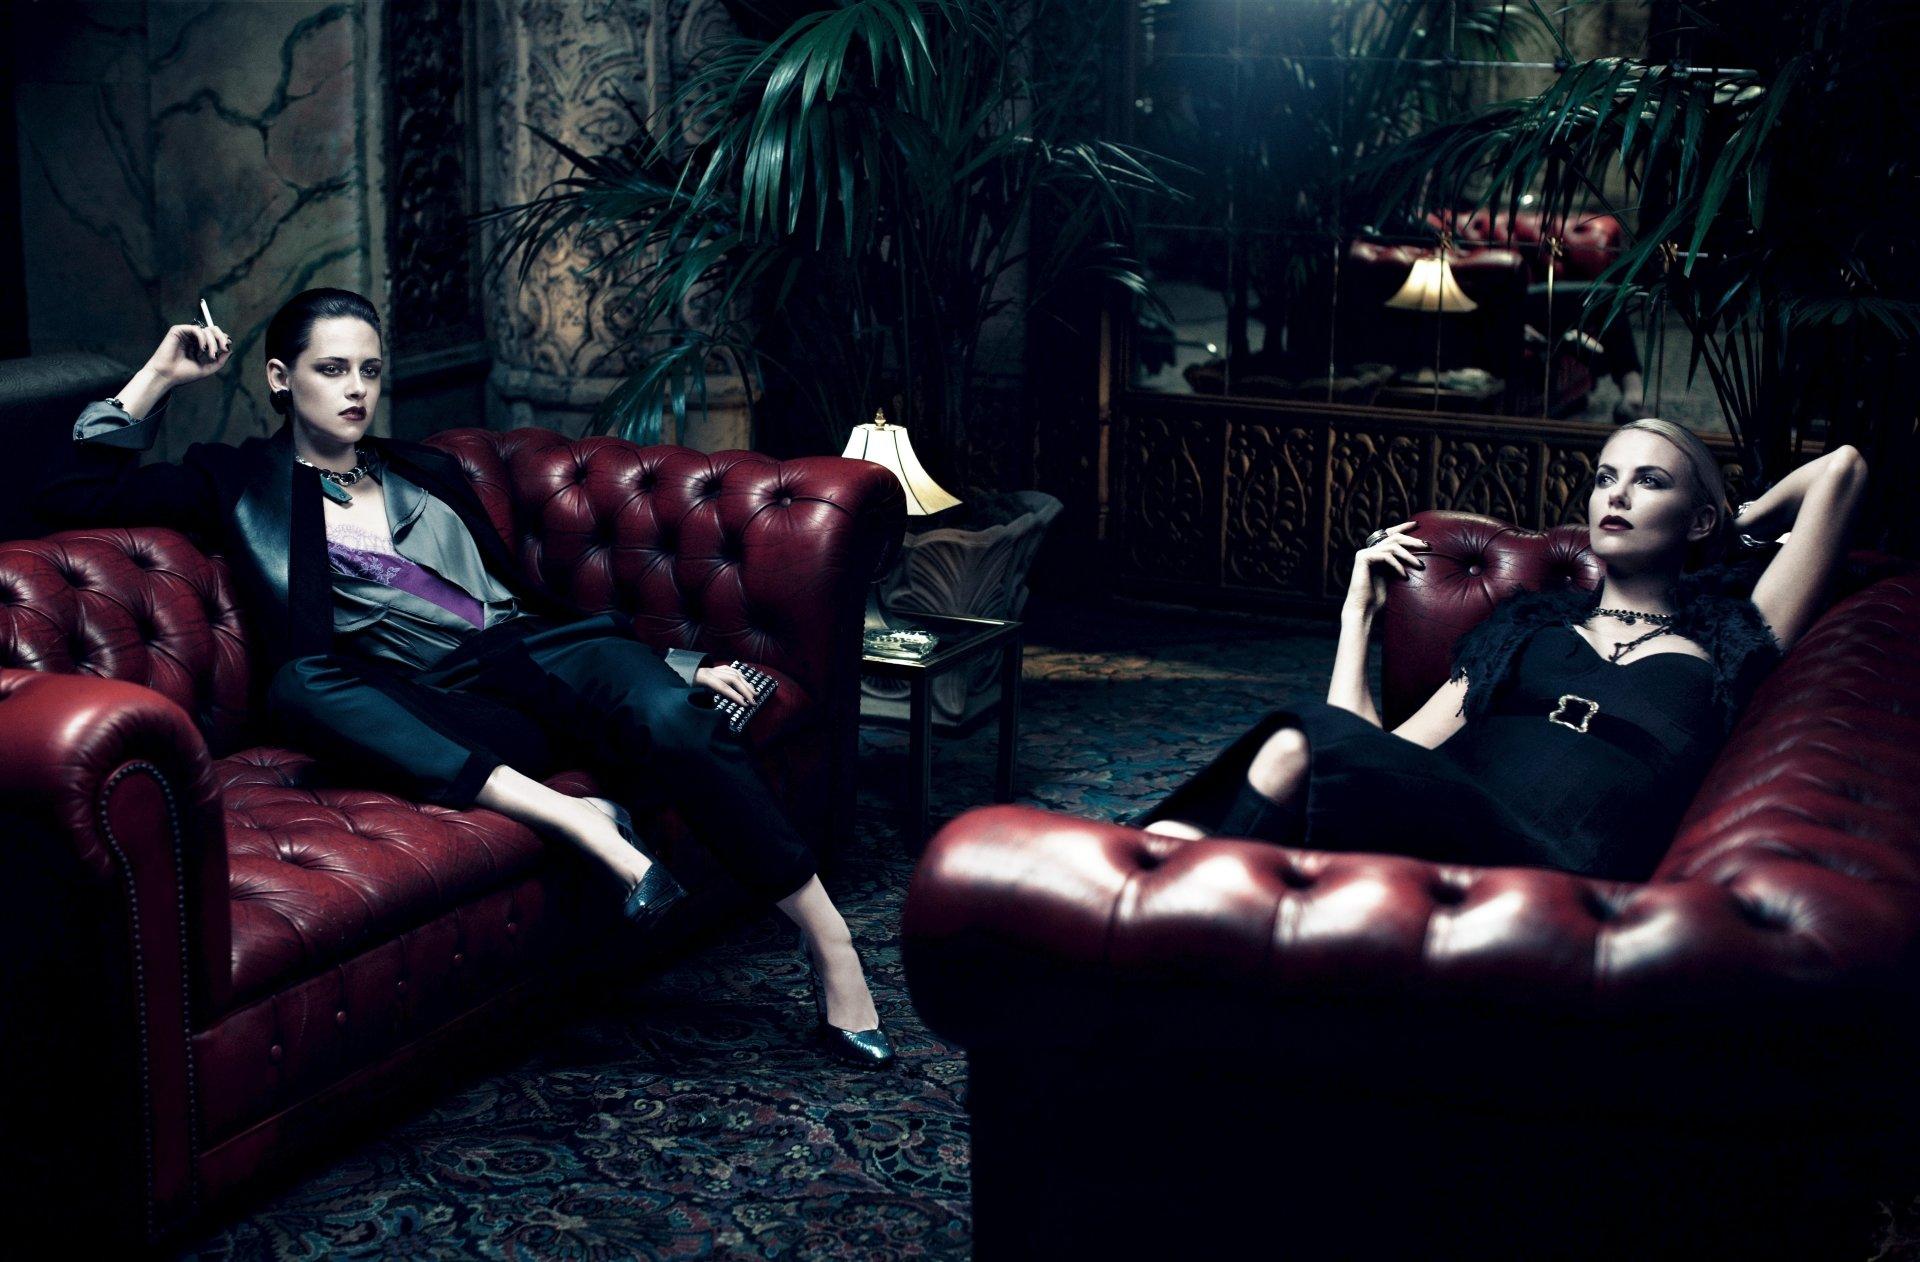 Berühmtheiten - Schauspieler  Kristen Stewart Charlize Theron Wallpaper